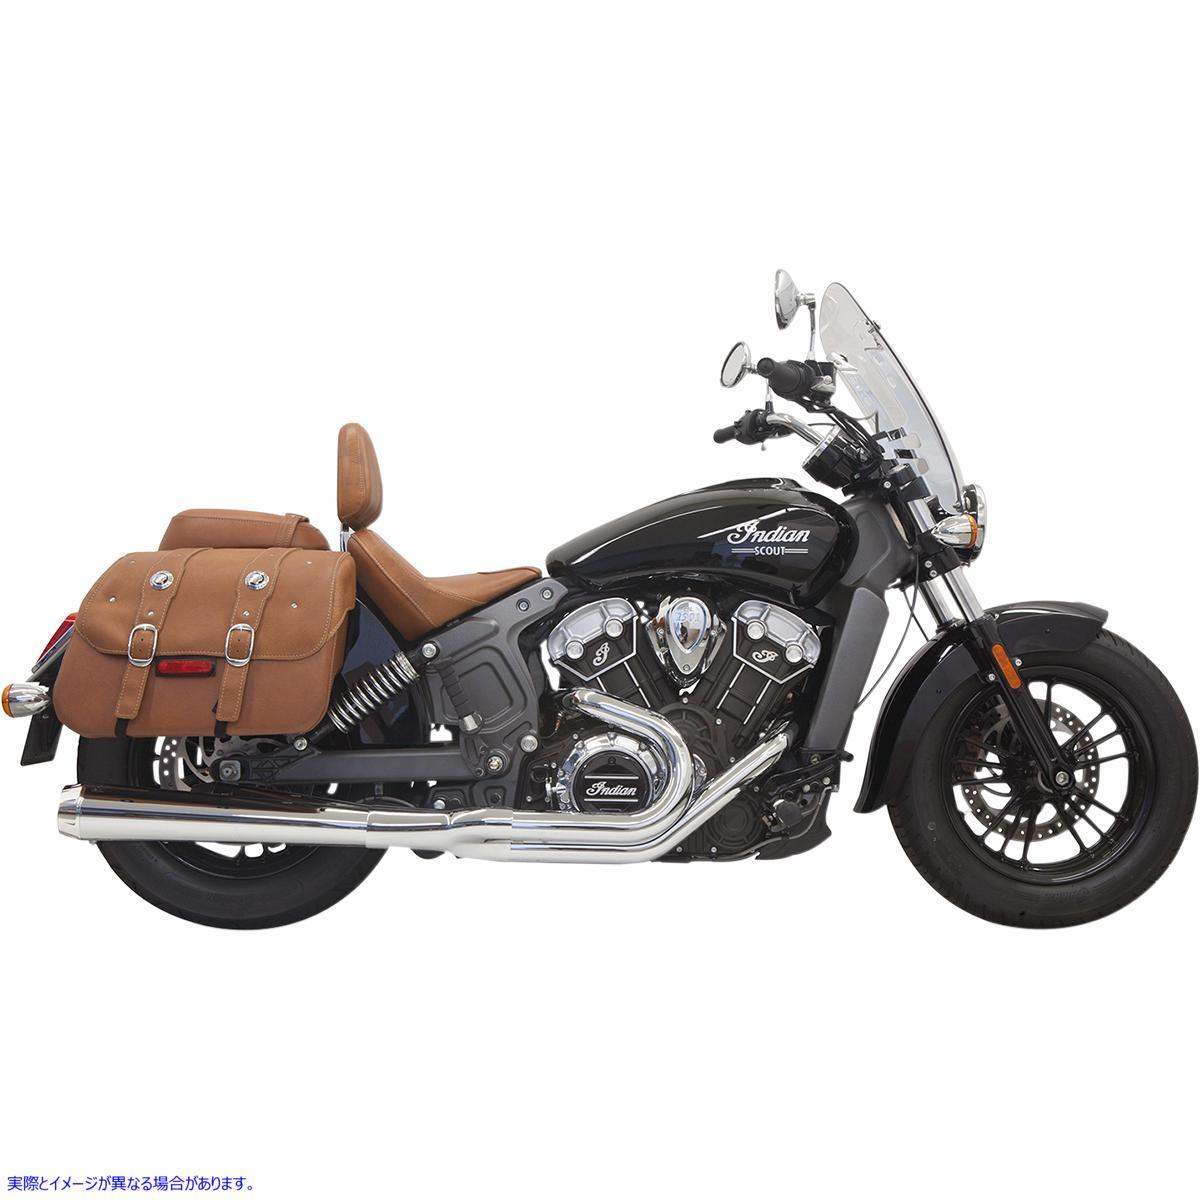 【取寄せ】 8S11J BASSANI XHAUST 2:1 Exhaust - Chrome - Long - Scout 18102354 ドラッグスペシャリティーズ 1810-2354 DRAG SPECIALTI